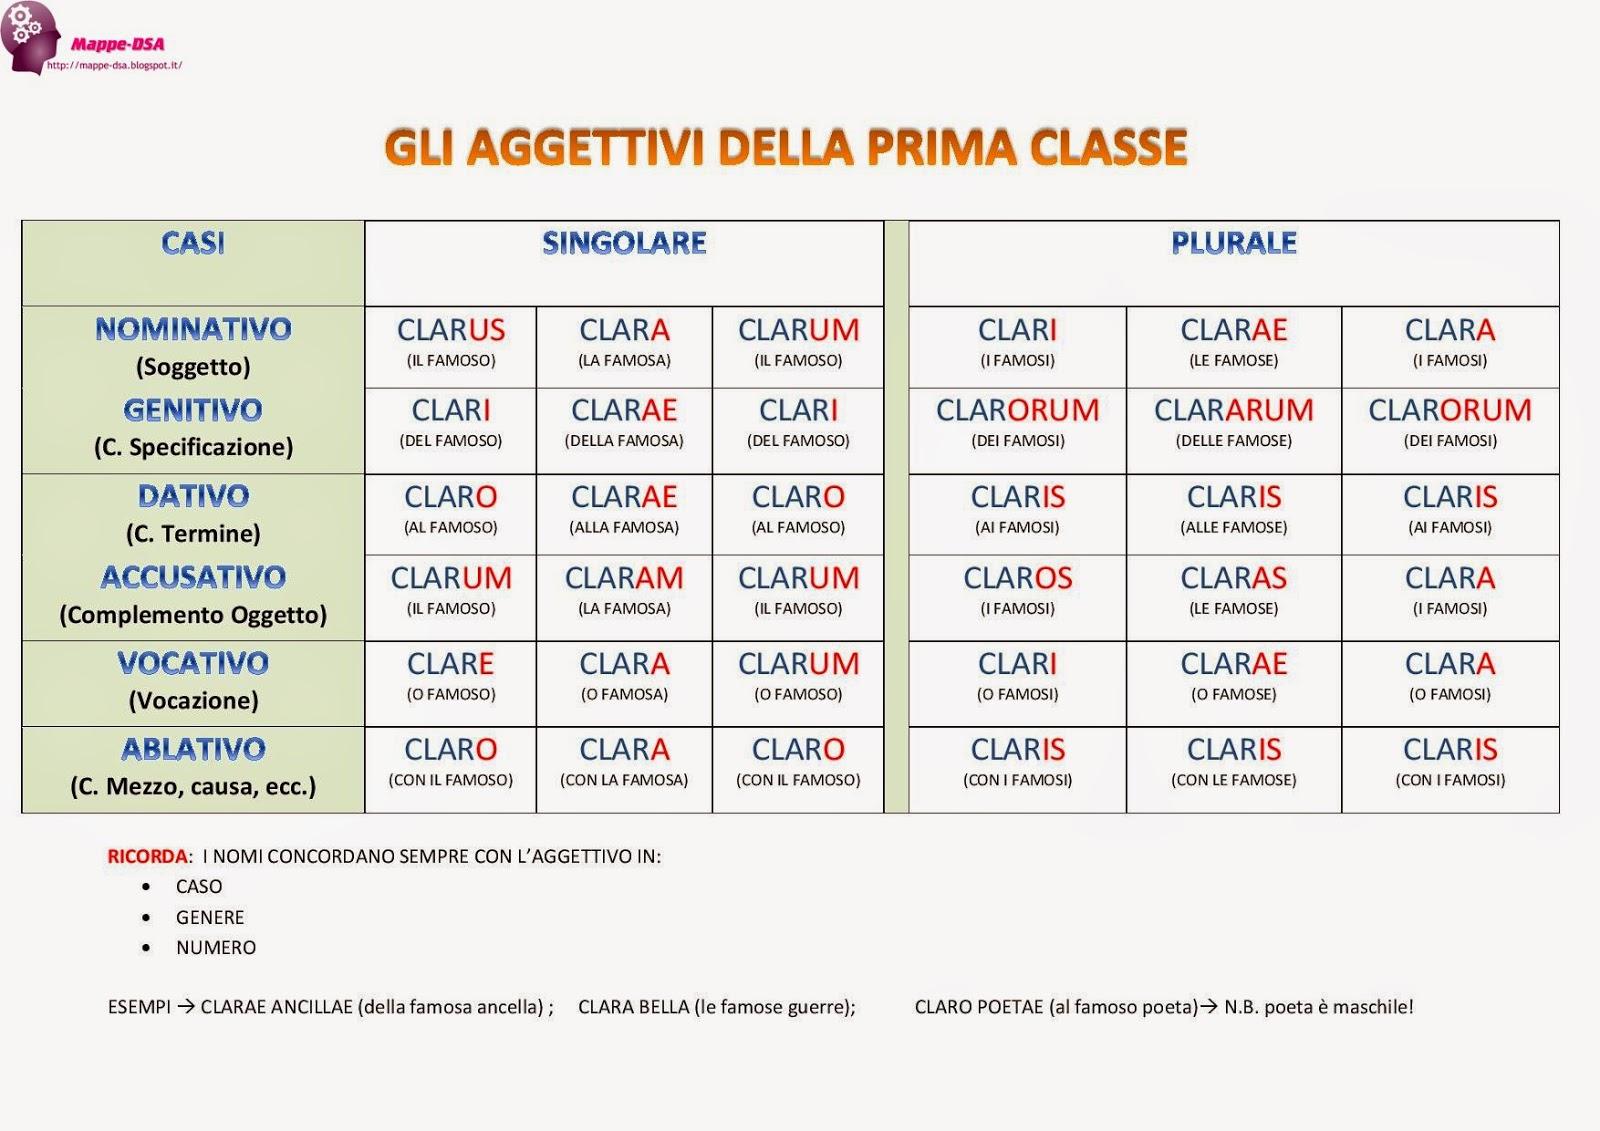 Mappa tabella aggettivi prima classe latino dsa